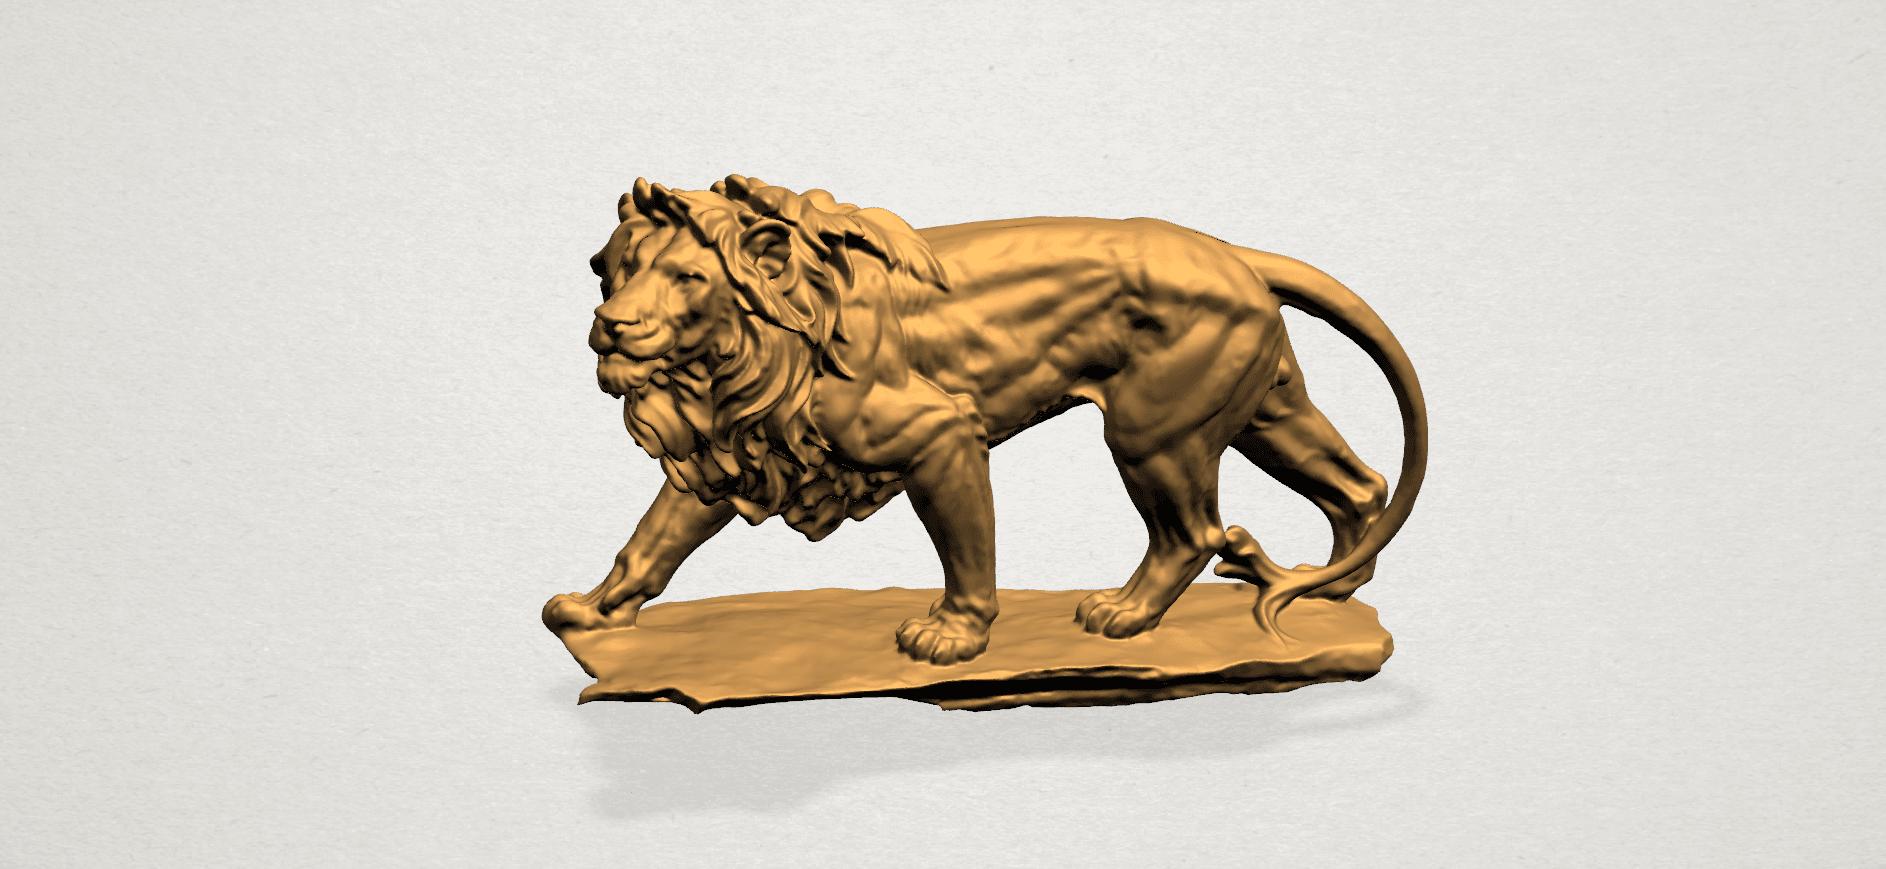 Lion (ii) -50mm-A01.png Télécharger fichier STL gratuit Lion 02 • Design pour impression 3D, GeorgesNikkei